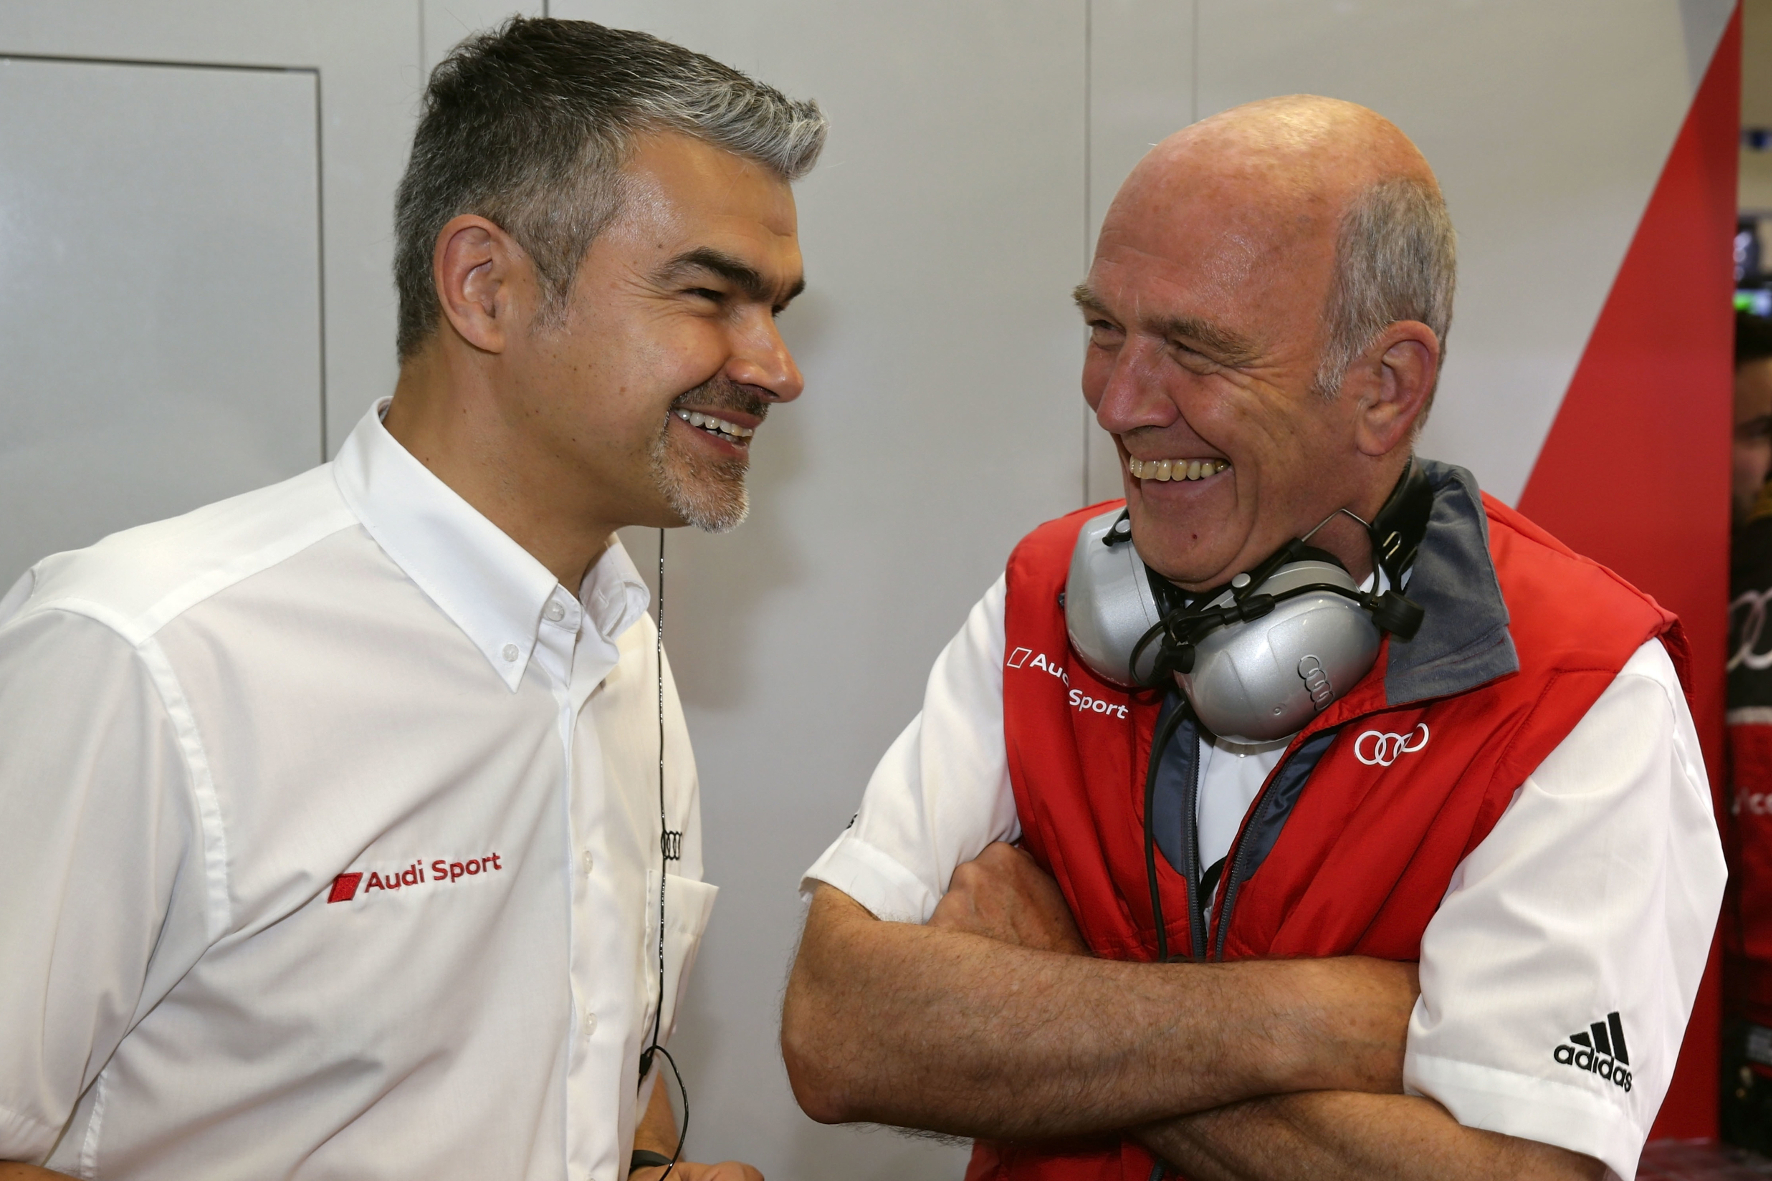 mid Groß-Gerau - Der Boss und sein Nachfolger: Audi-Motorsportchef Dr. Wolfgang Ullrich (rechts) räumt seinen Posten und übergibt das Kommando zum 1. Januar 2017 an Dieter Gass.